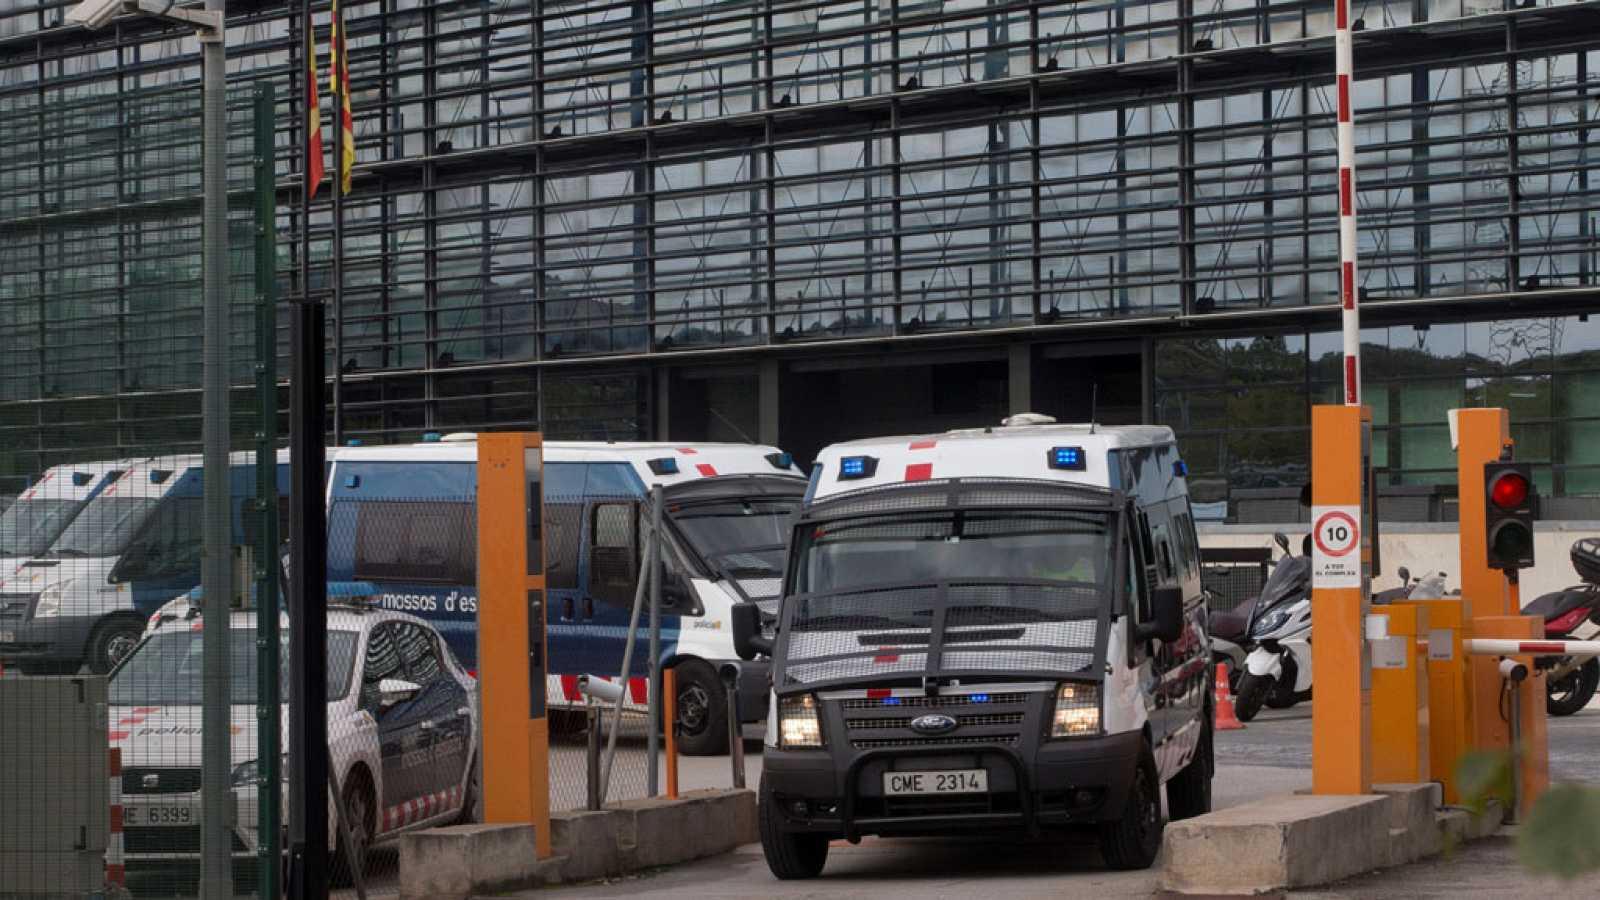 Mossos d'esquadra police catalogne vehicules